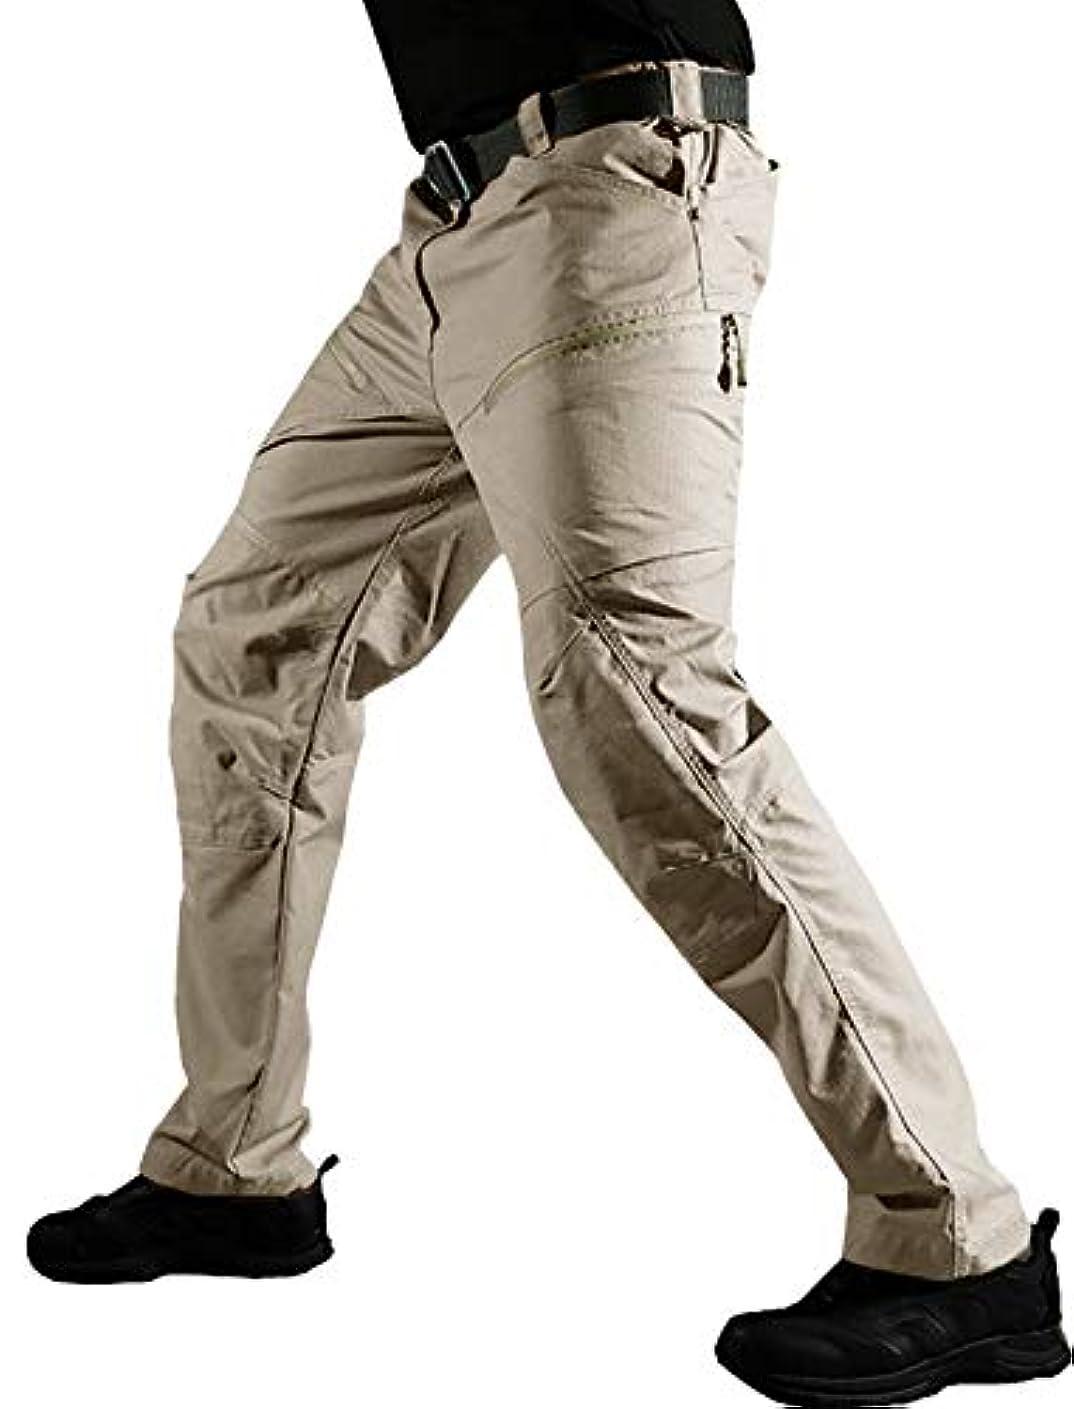 路地感染する根拠TACVASEN タクティカルパンツ 多機能 アウトドア 長ズボン メンズ コンバットパンツ ミリタリー カーゴパンツ 通気性 作業ボトムス 無地 6ポケット ストレッチ トレーニング/ハイキング/登山